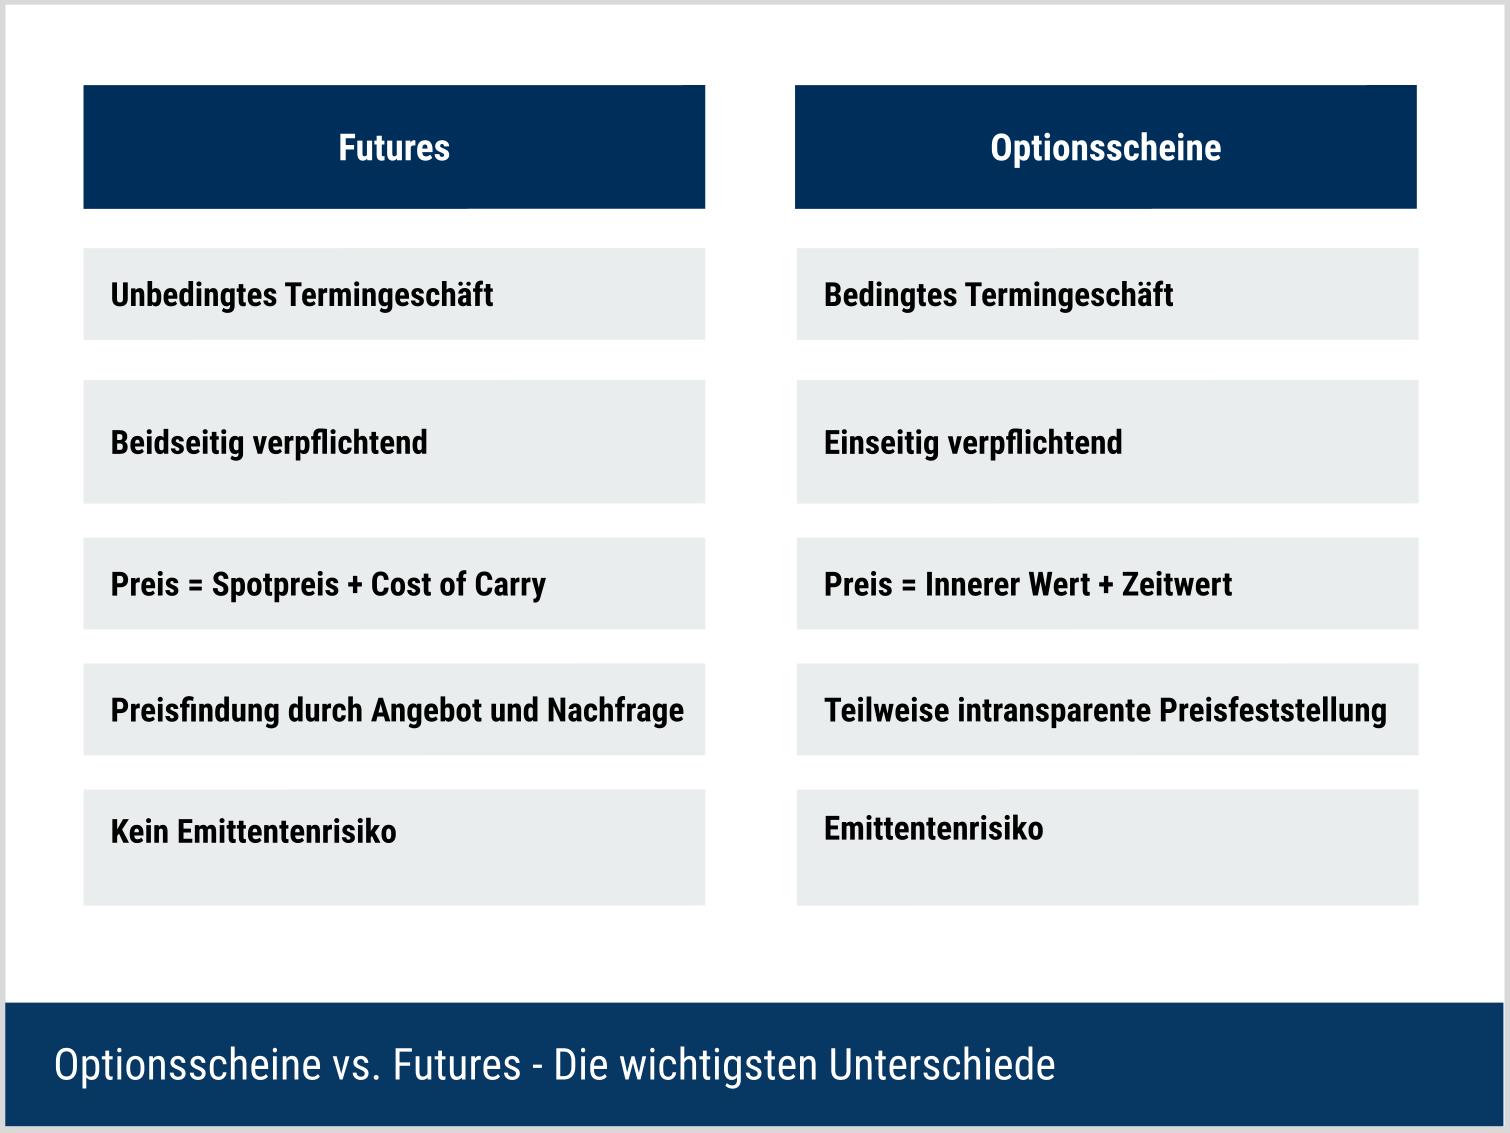 Optionscheine vs Futures - Die wichtigsten Unterschiede